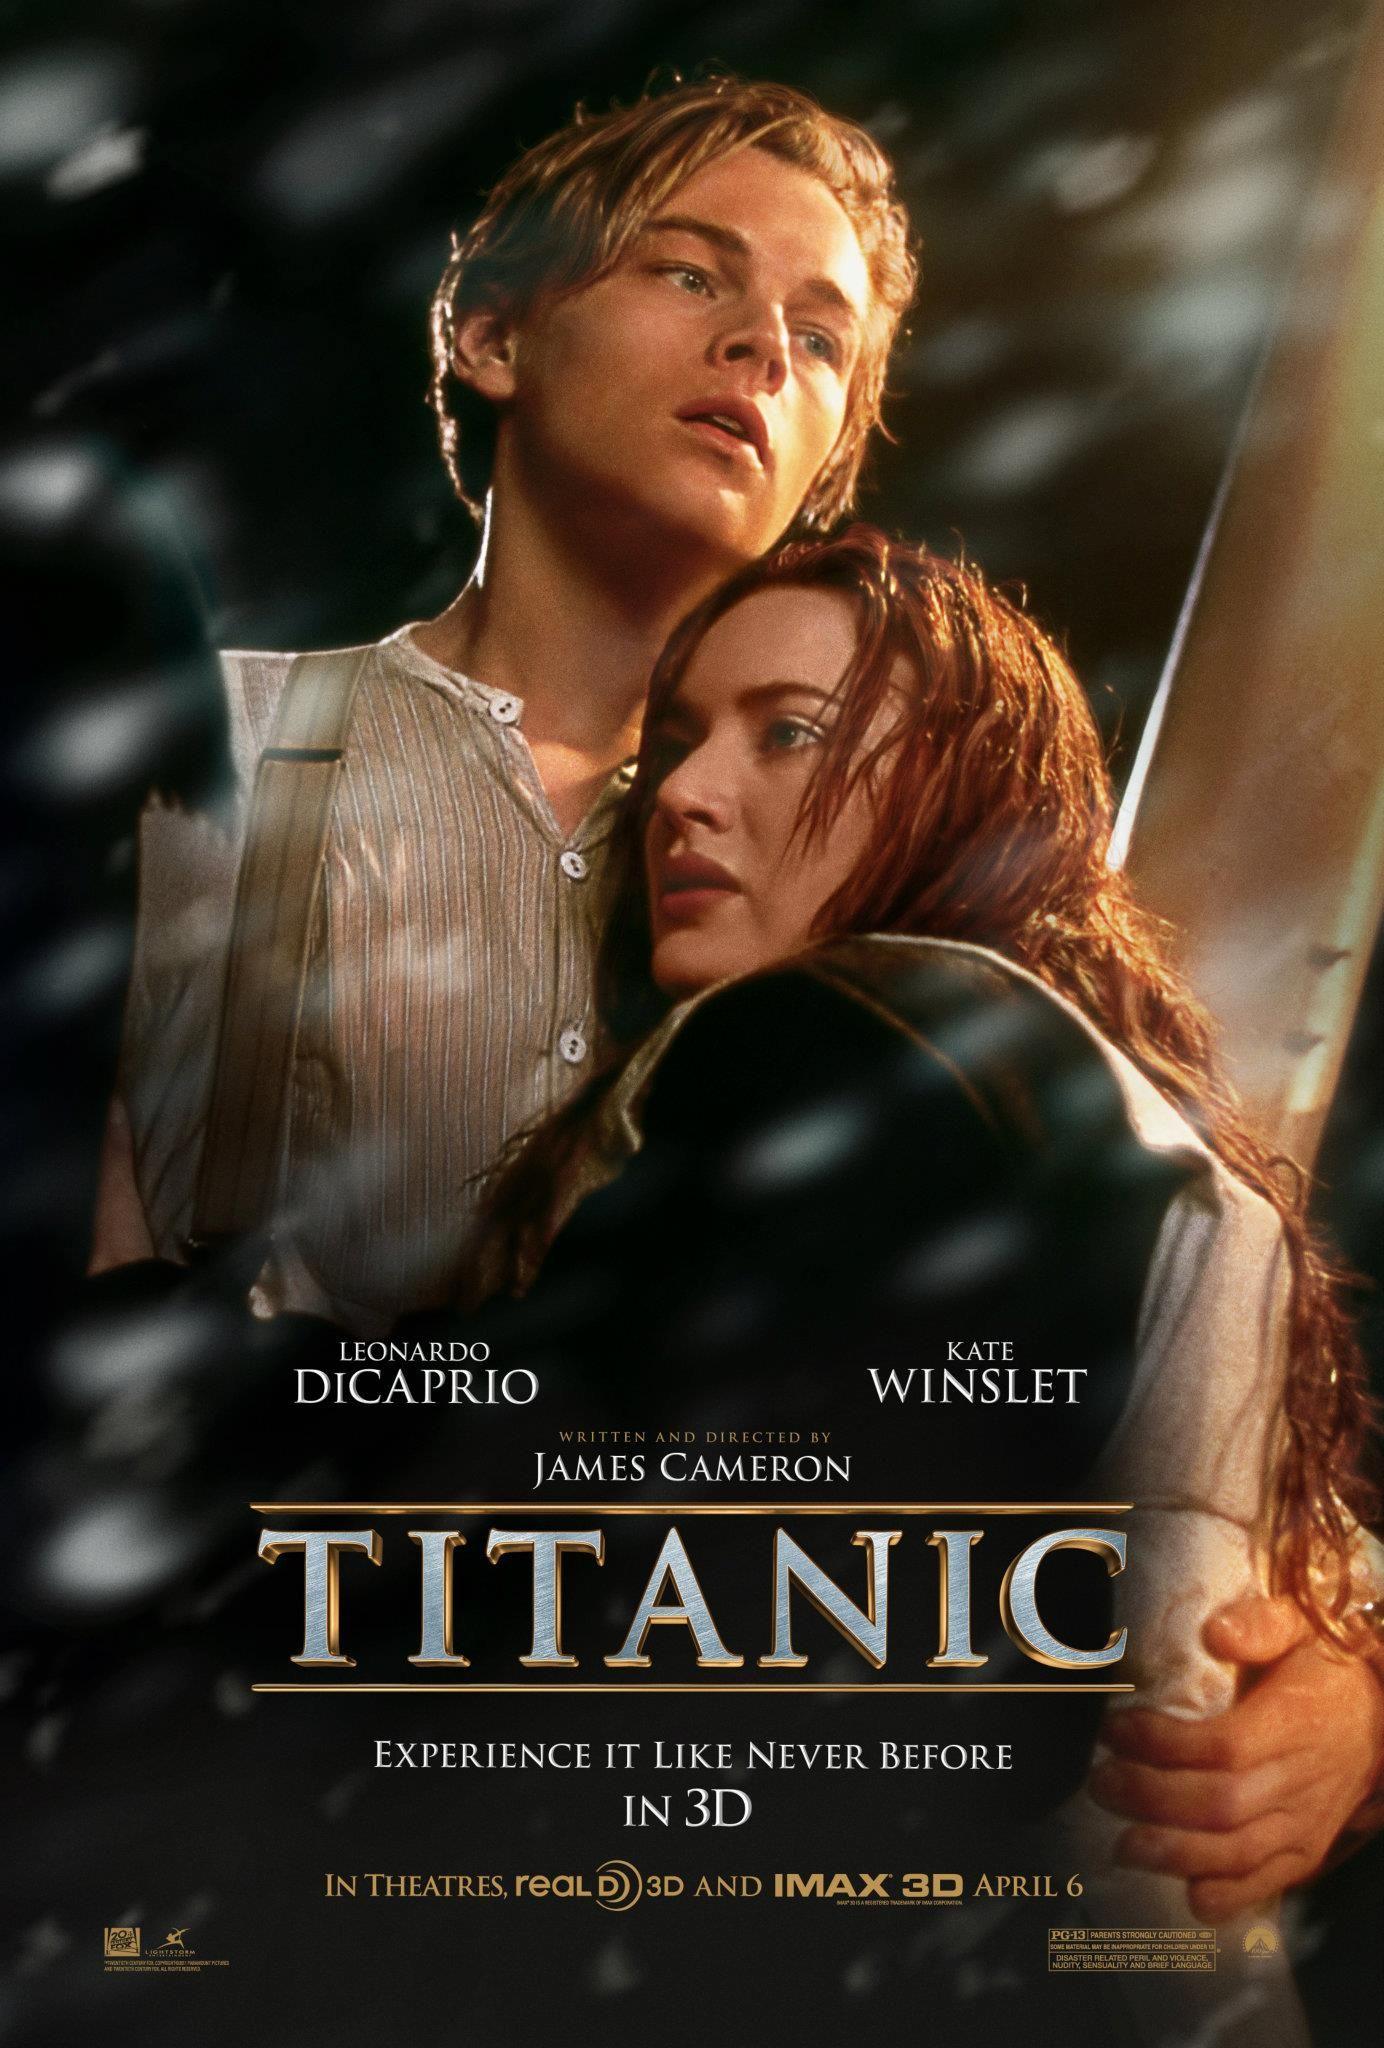 Titanic Cine Peliculas Peliculas Carteleras De Cine Peliculas Cine